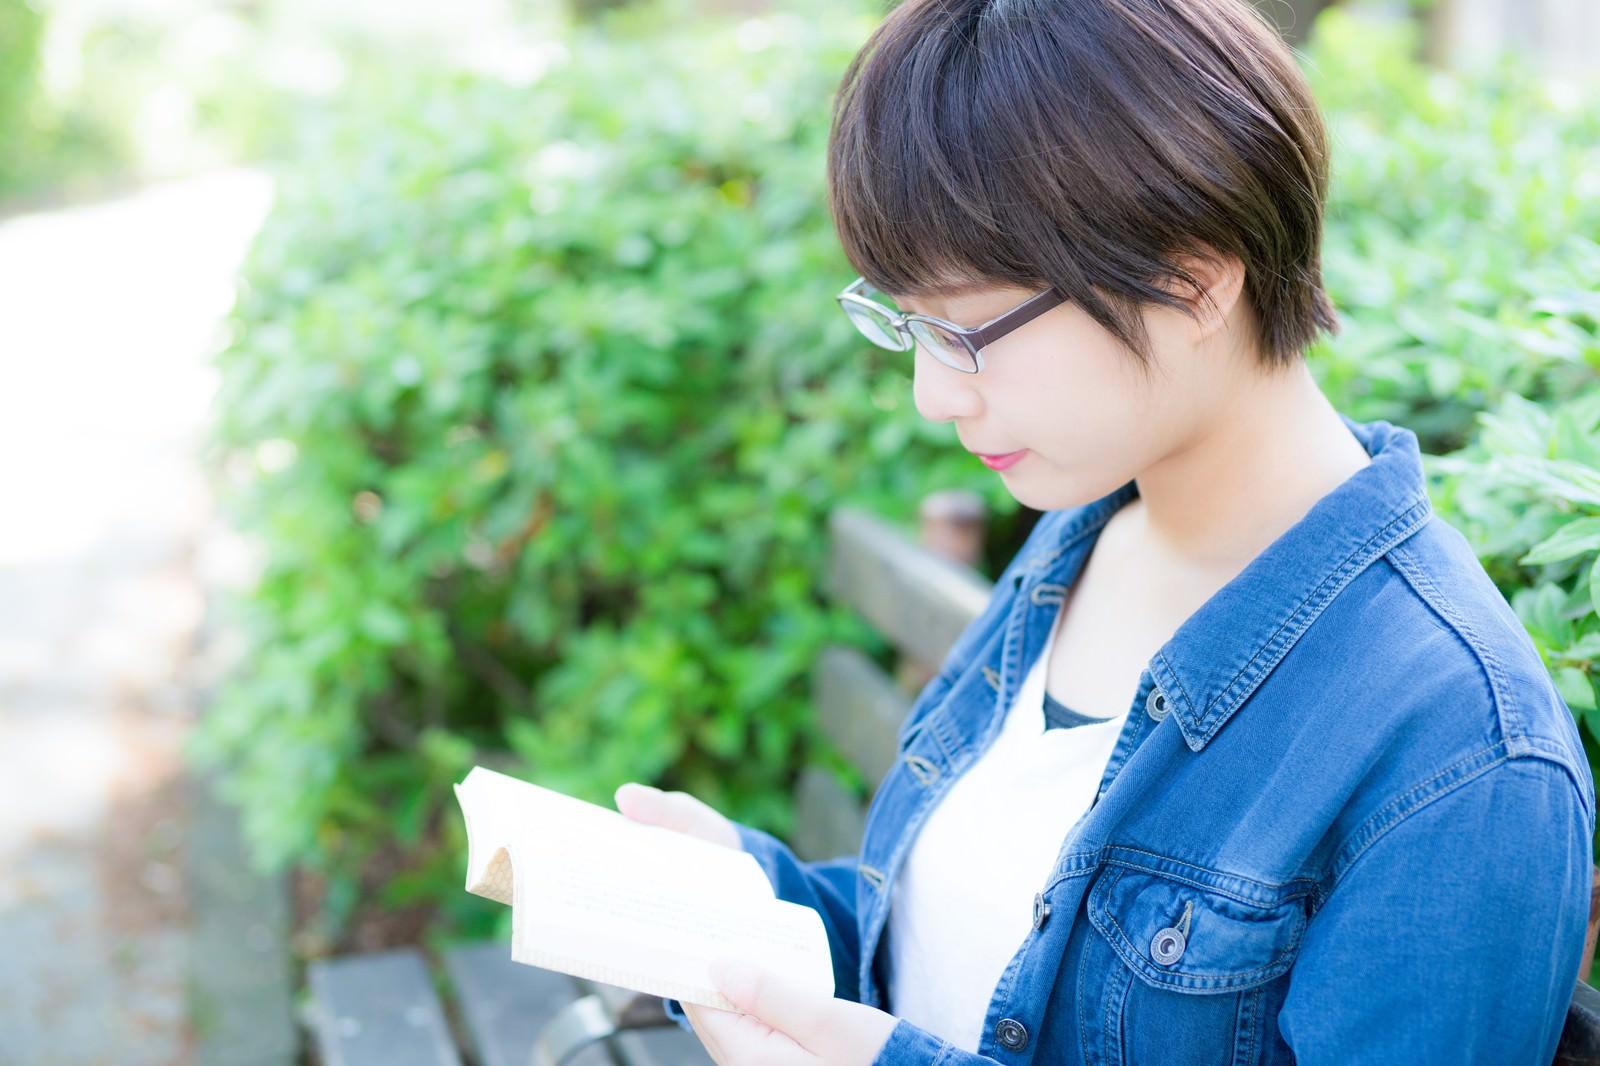 【男女別】大学デビューの人の特徴|ファション/髪型/メイク